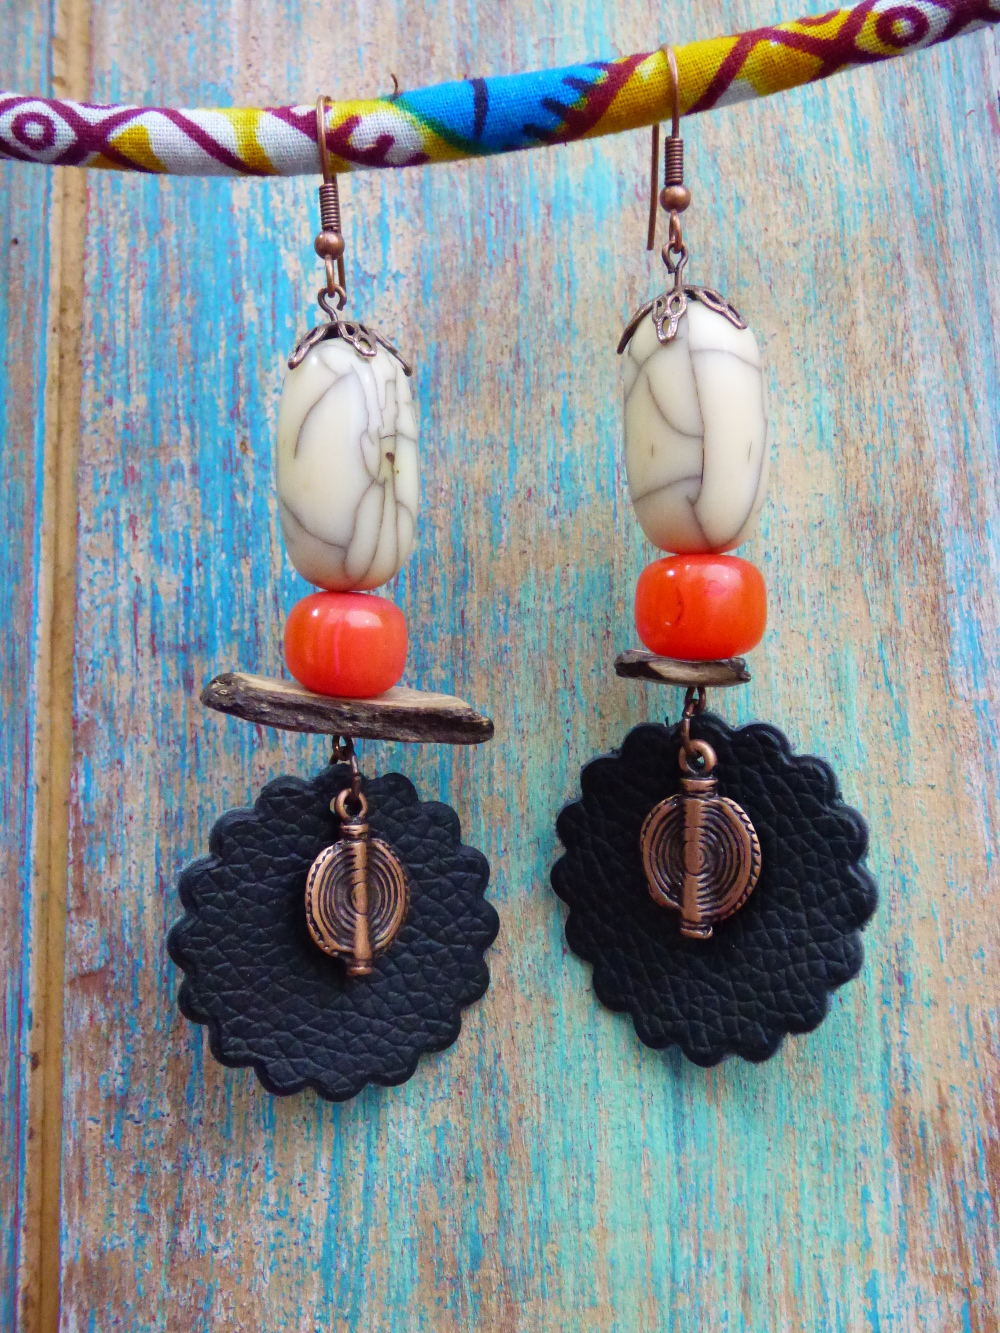 Boucles d'oreilles ethniques tribales cuir, perles marocaines, éclats de coco et métal cuivré vieilli.